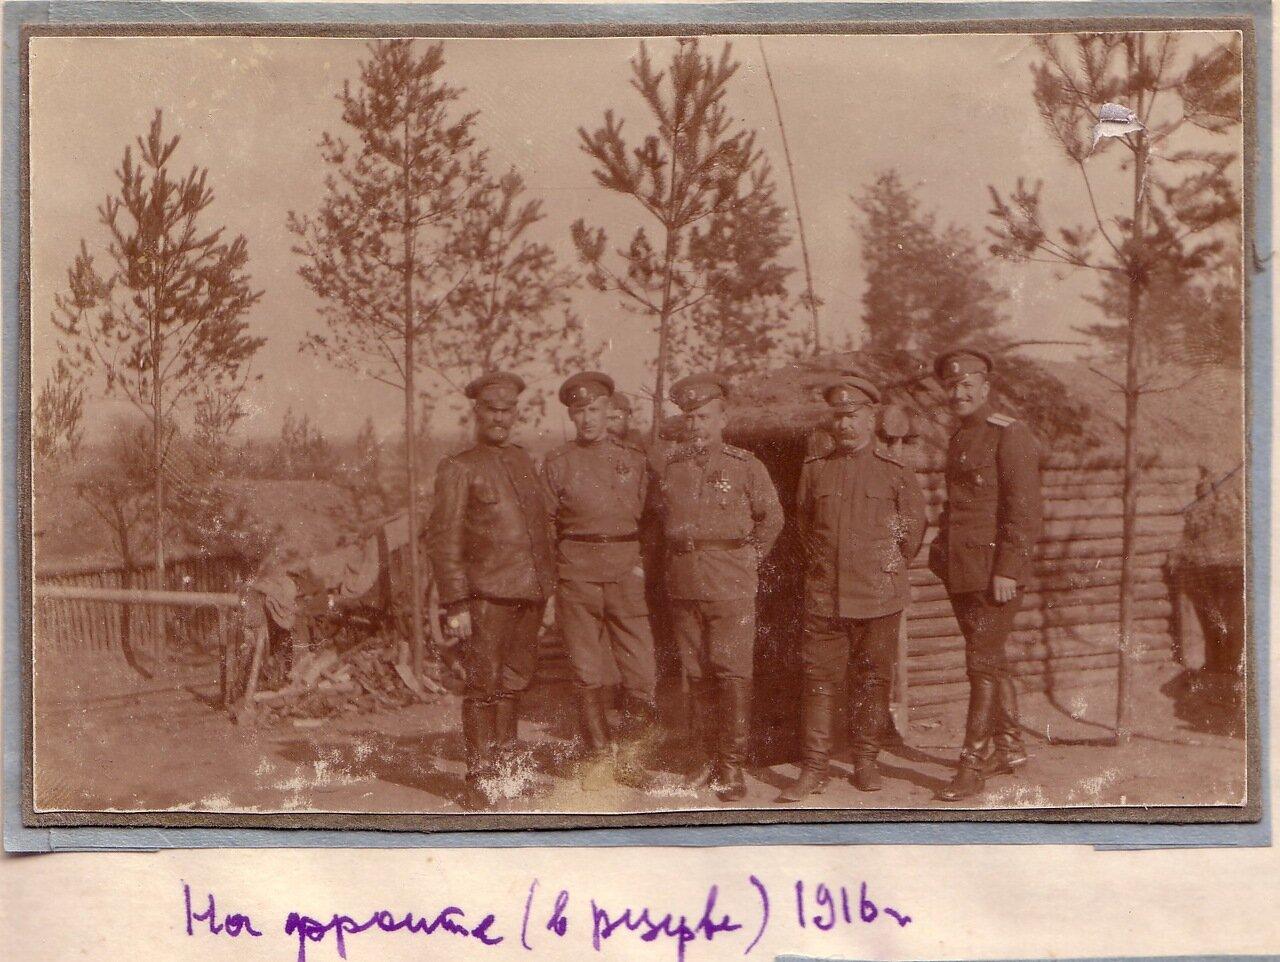 На фронте (в резерве) 1916 г.